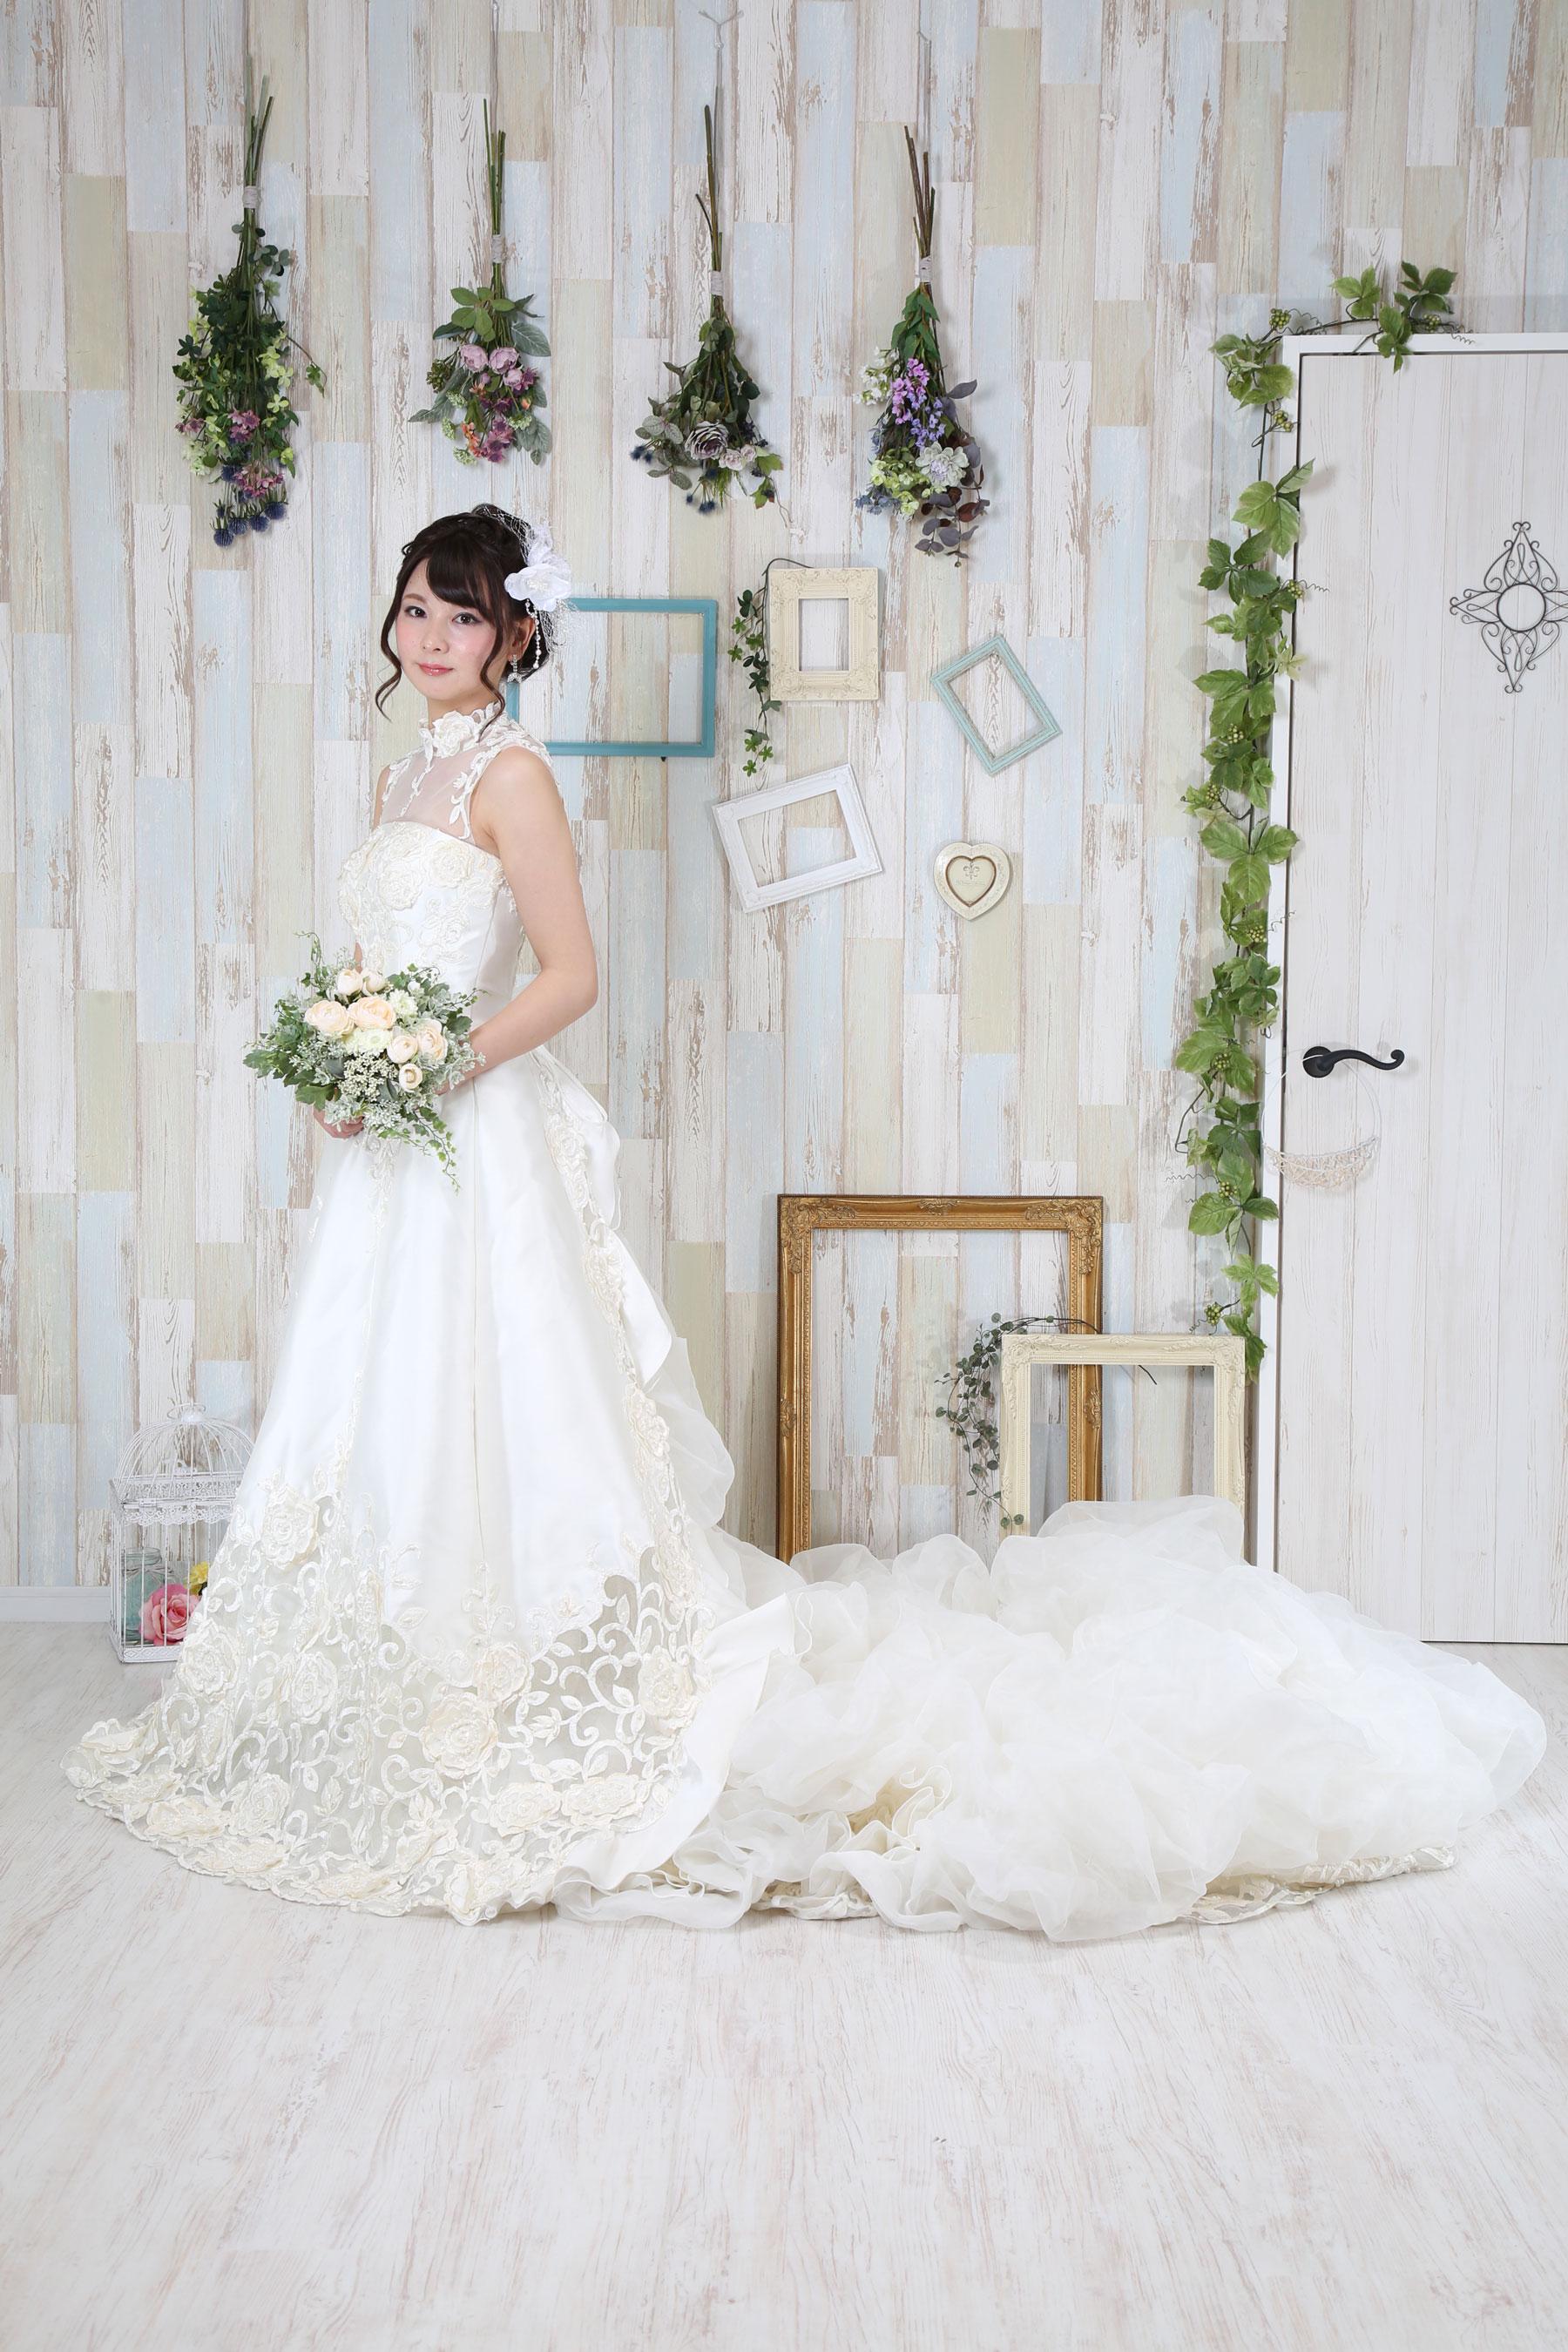 ★20180211-ドレス衣装撮影_128